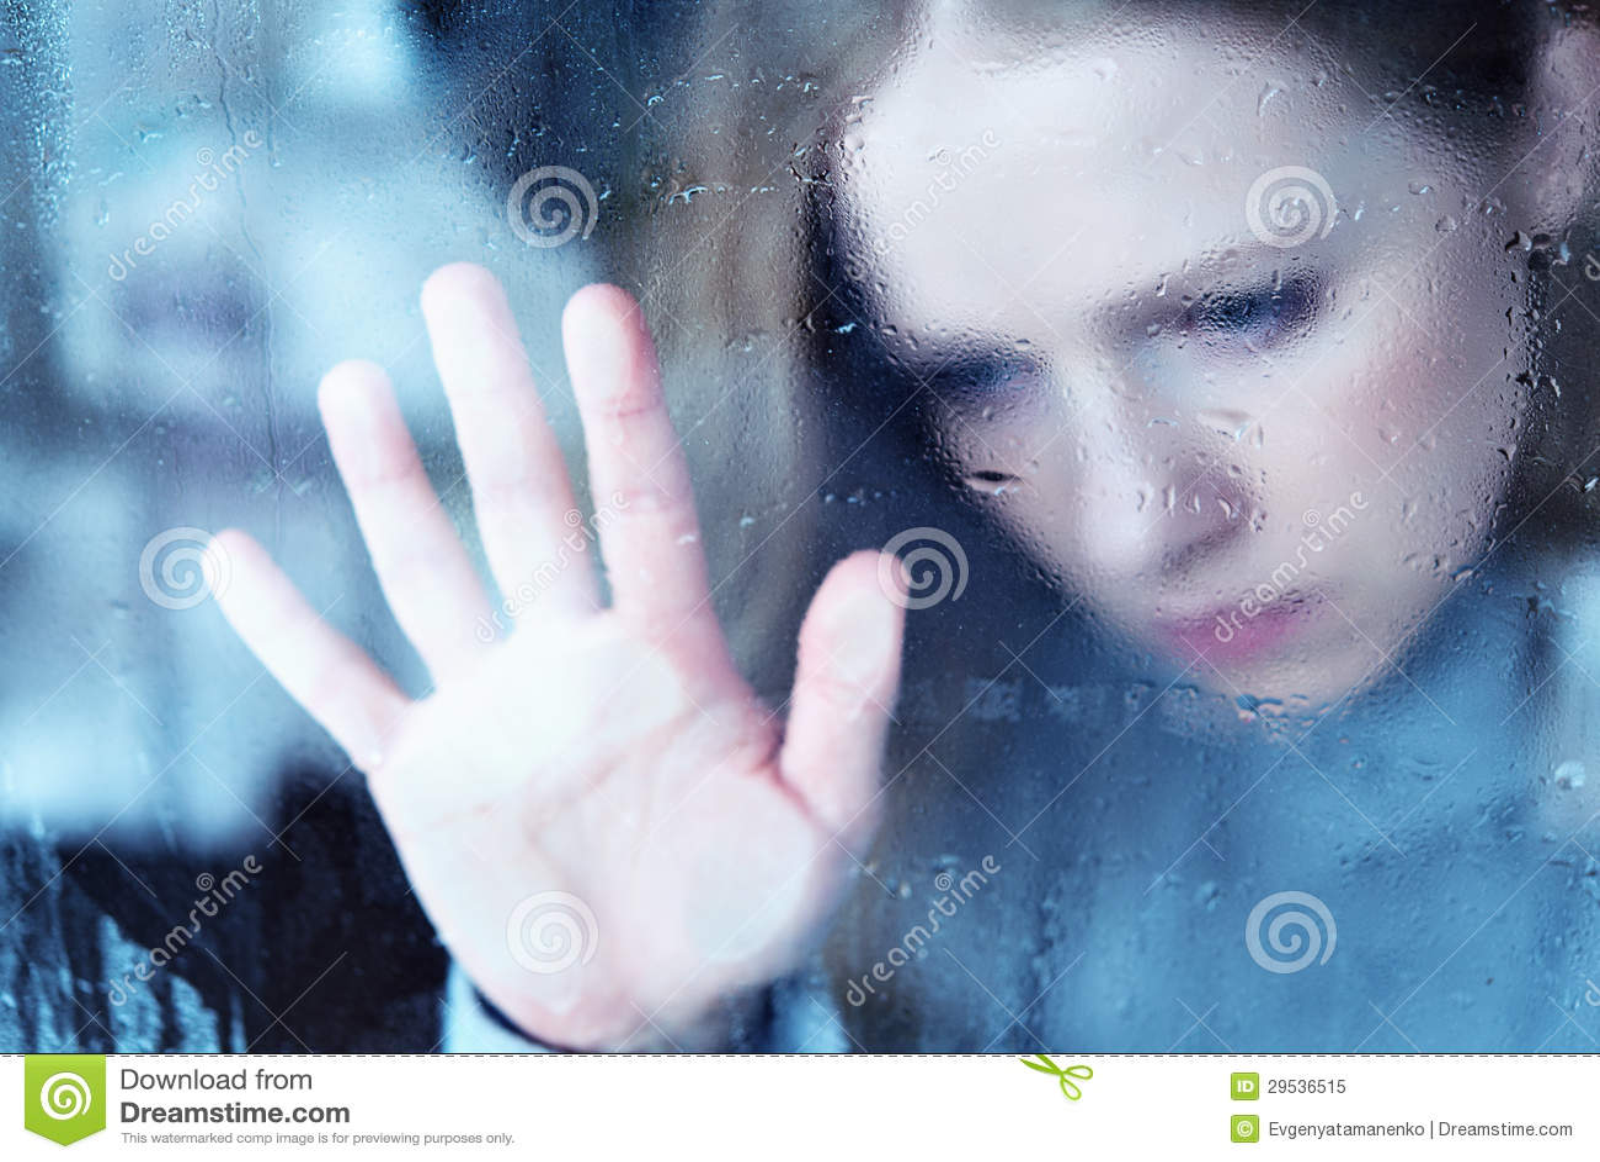 Ragazza malinconica e triste alla finestra nella pioggia for Ragazza alla finestra quadro